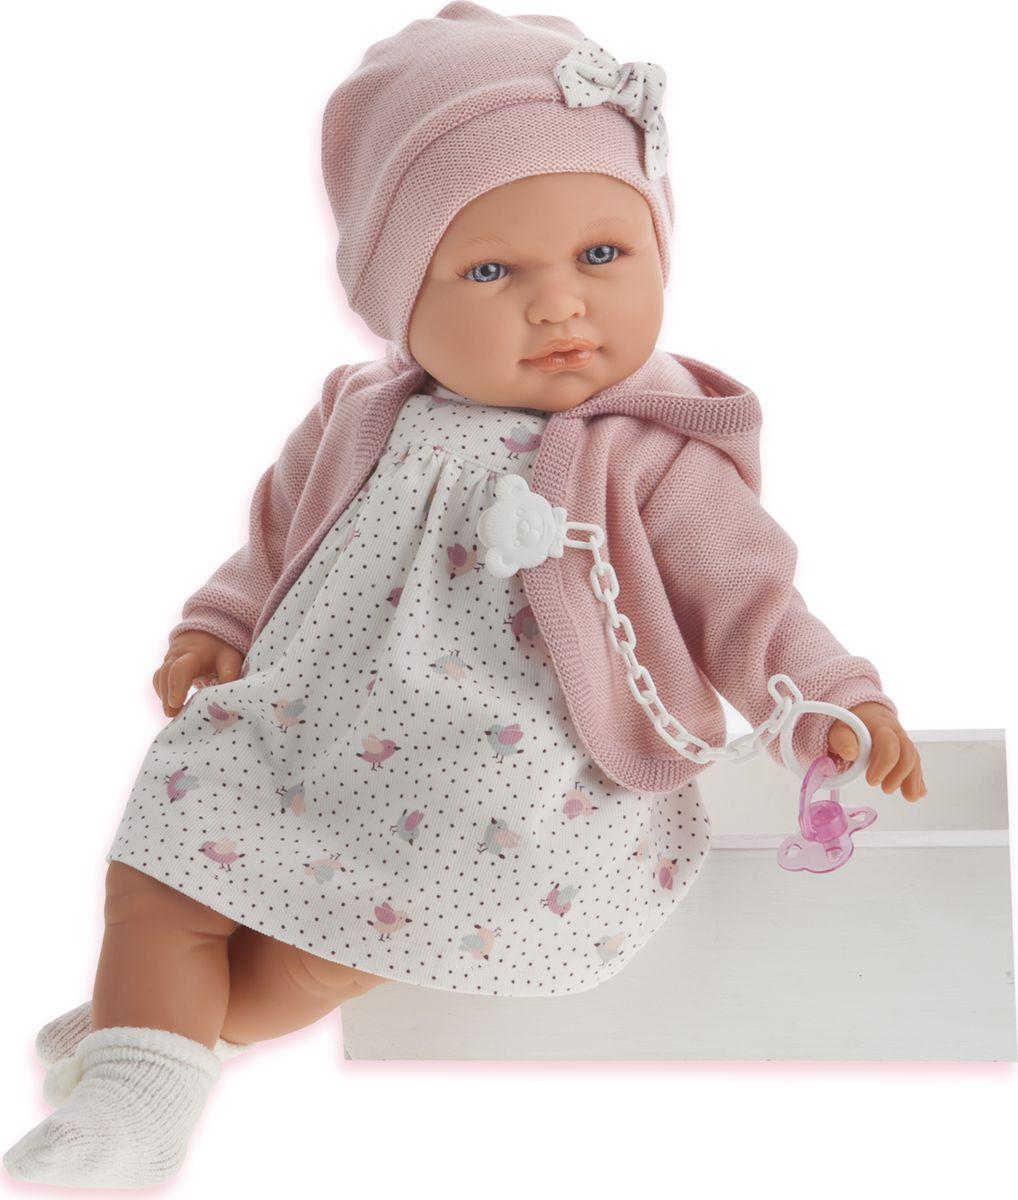 Juan Antonio Кукла Роза цвет одежды розовый куклы antonio juan кукла рамон в синем озвученная 40см